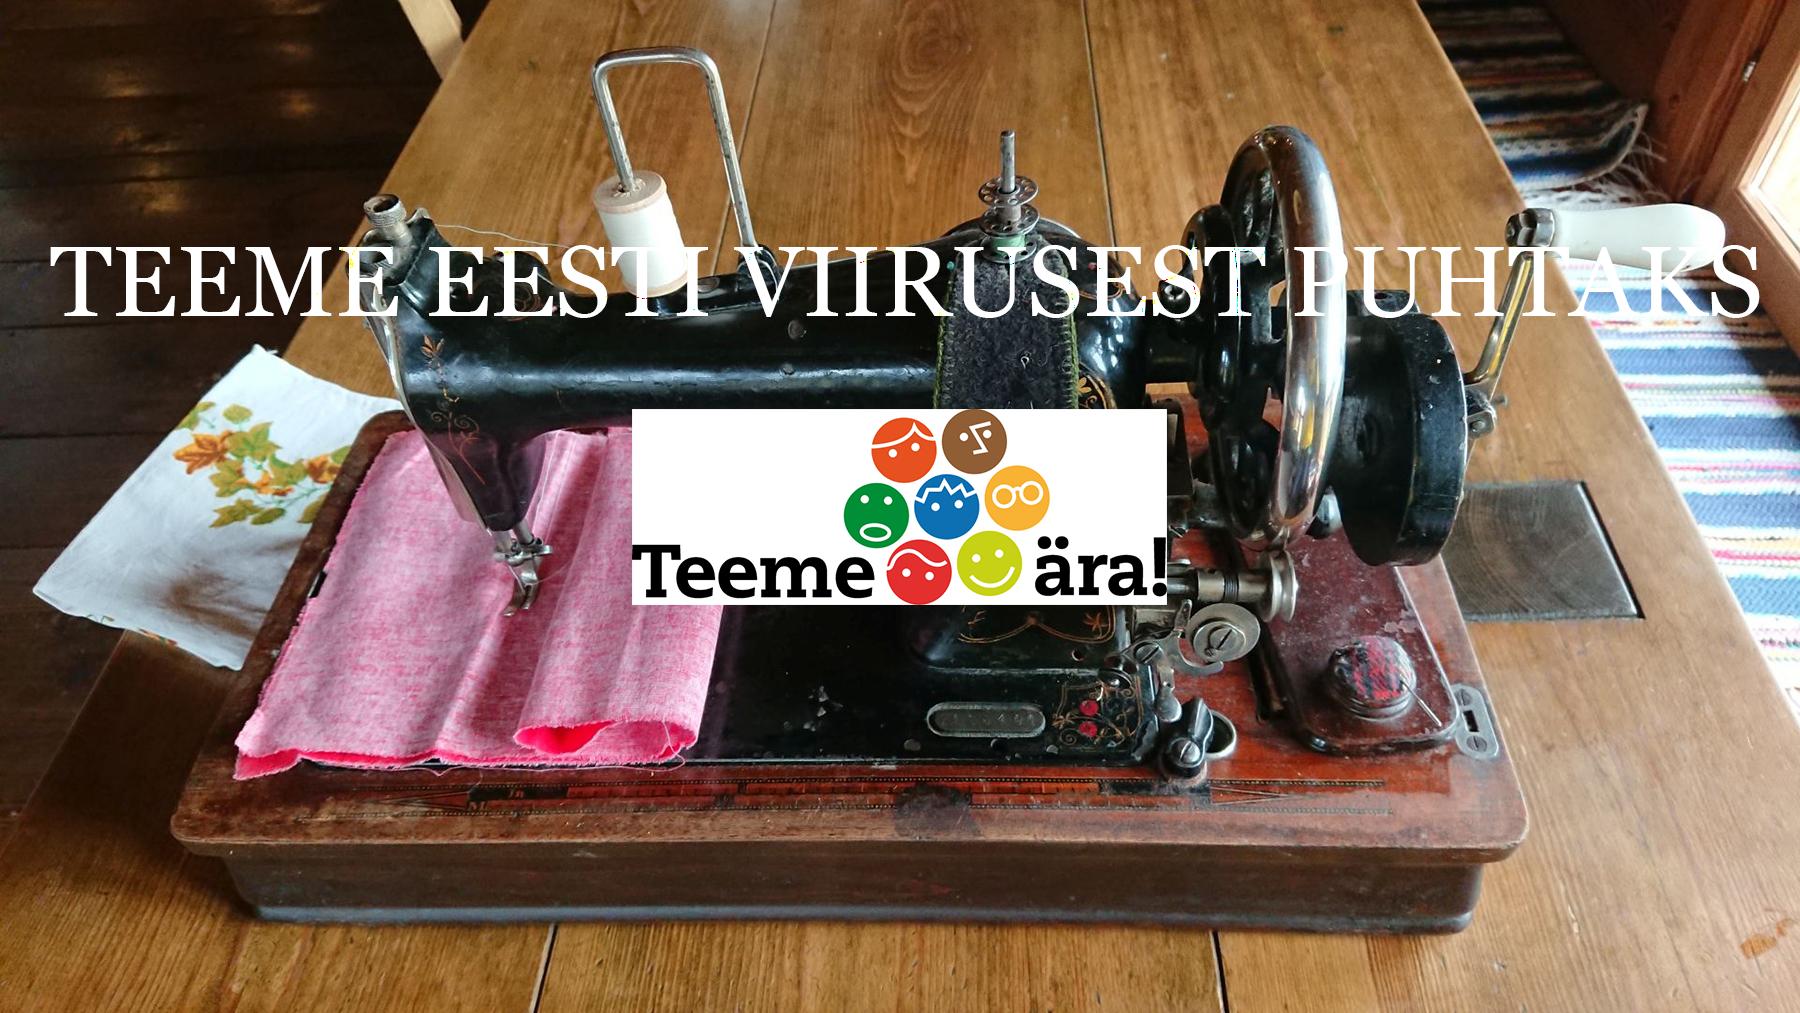 Teeme Eesti viirusest puhtaks Teeme ära